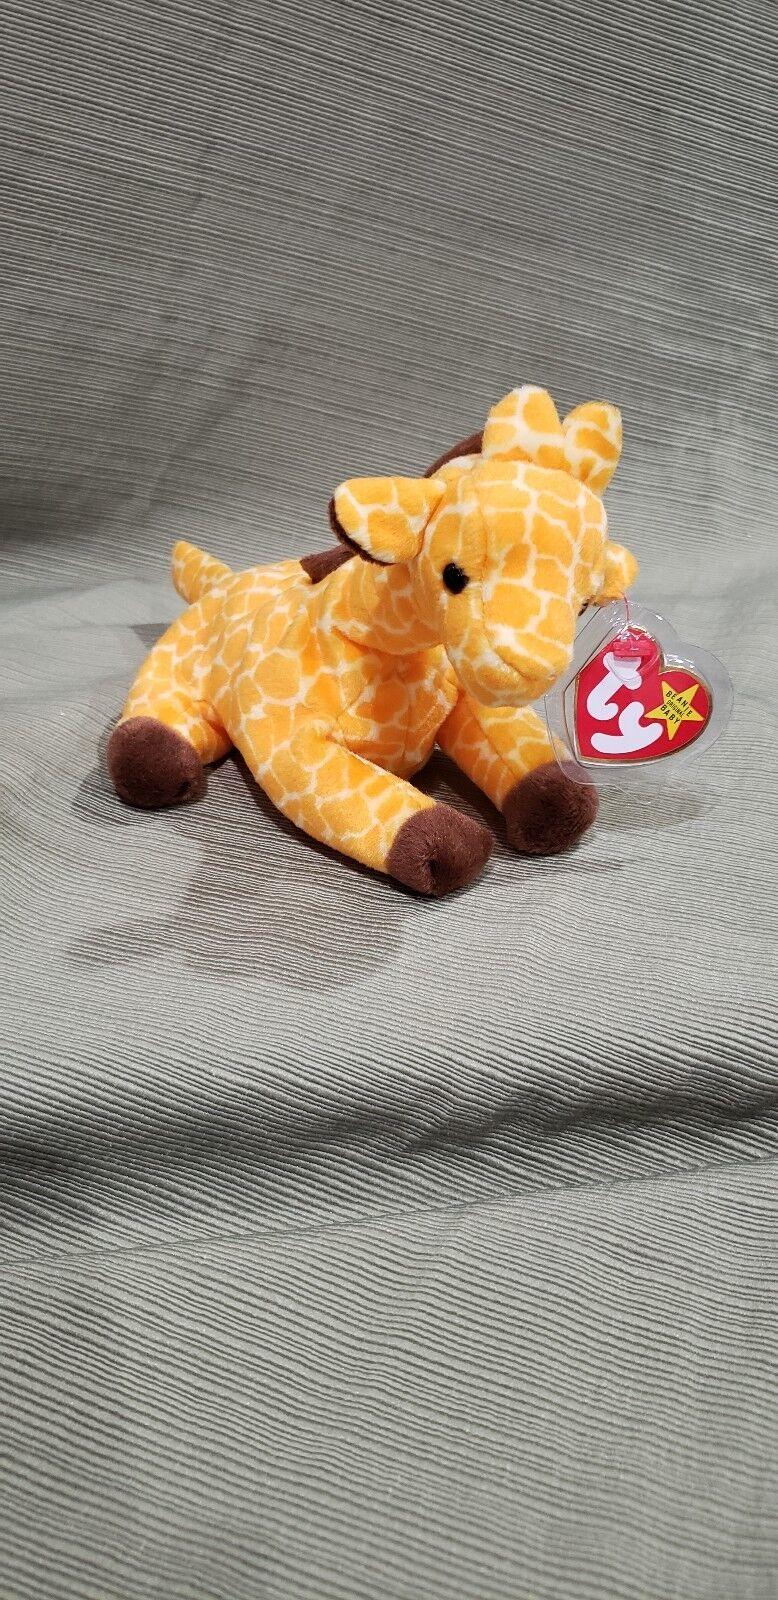 Ty beanie baby zweige der giraffe 1995 stil   4068 w   fehler pvc